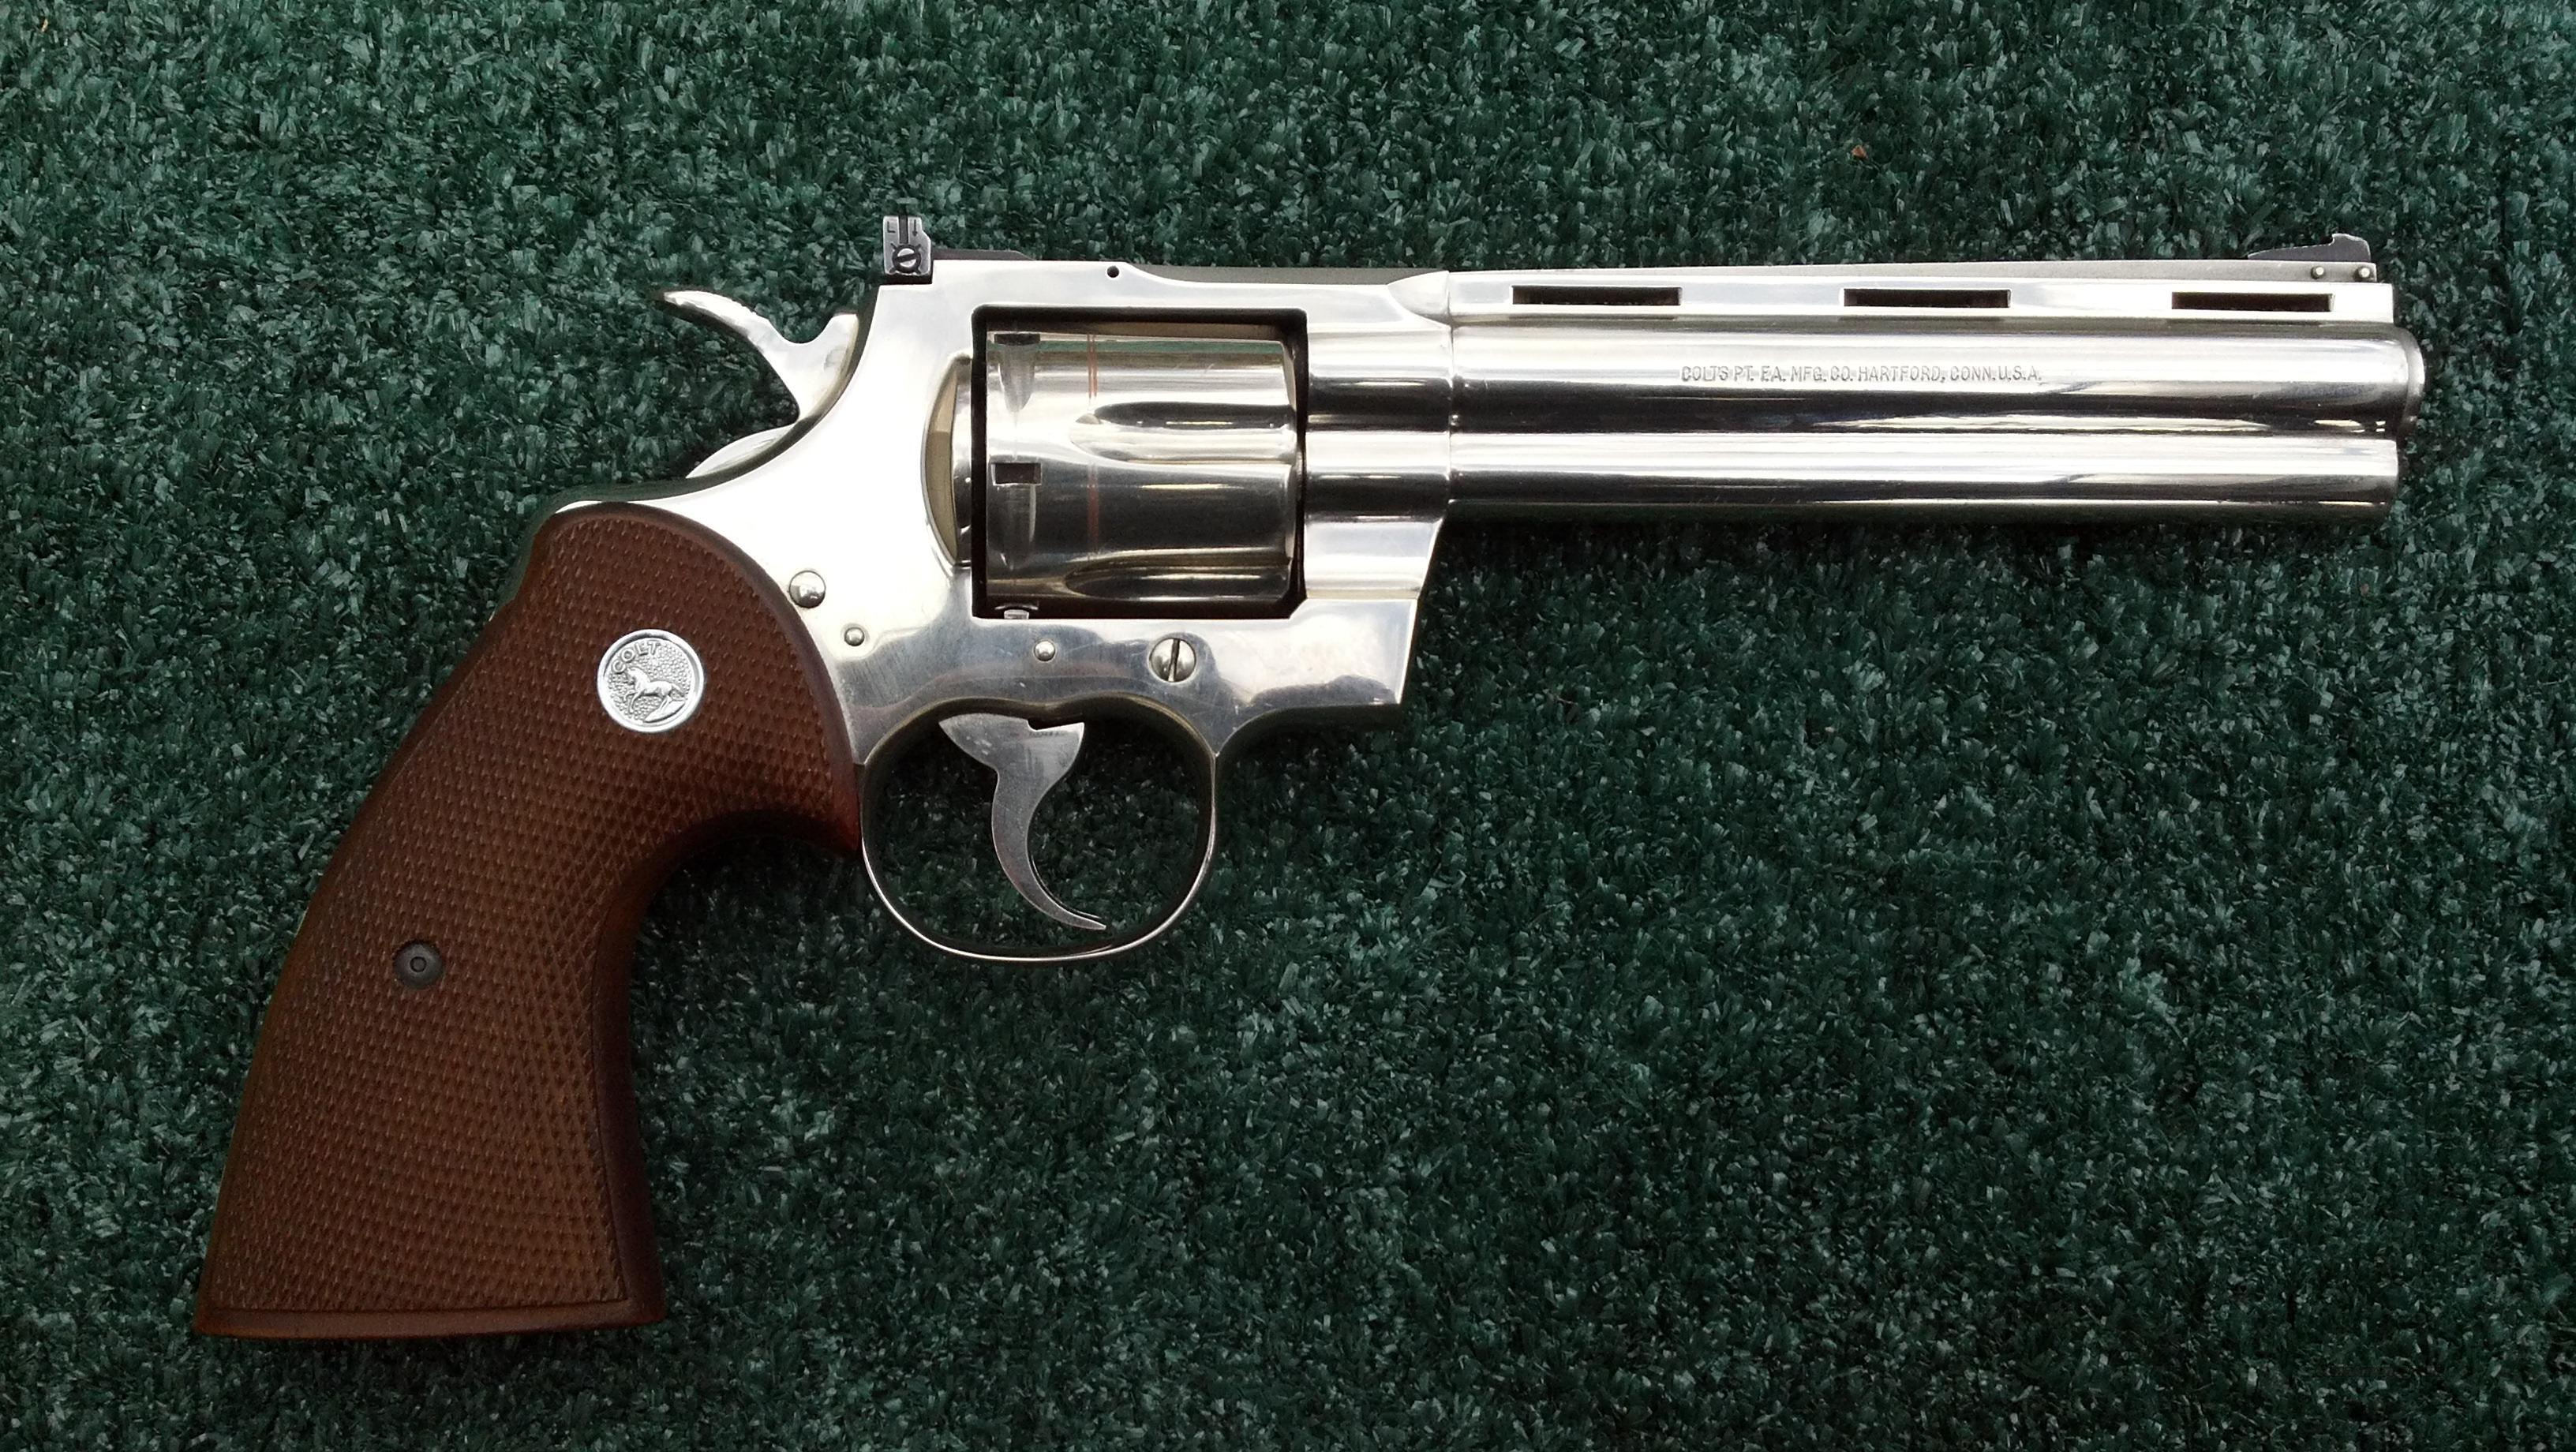 Colt Python Revolver Backgrounds, Compatible - PC, Mobile, Gadgets  3264x1840 px